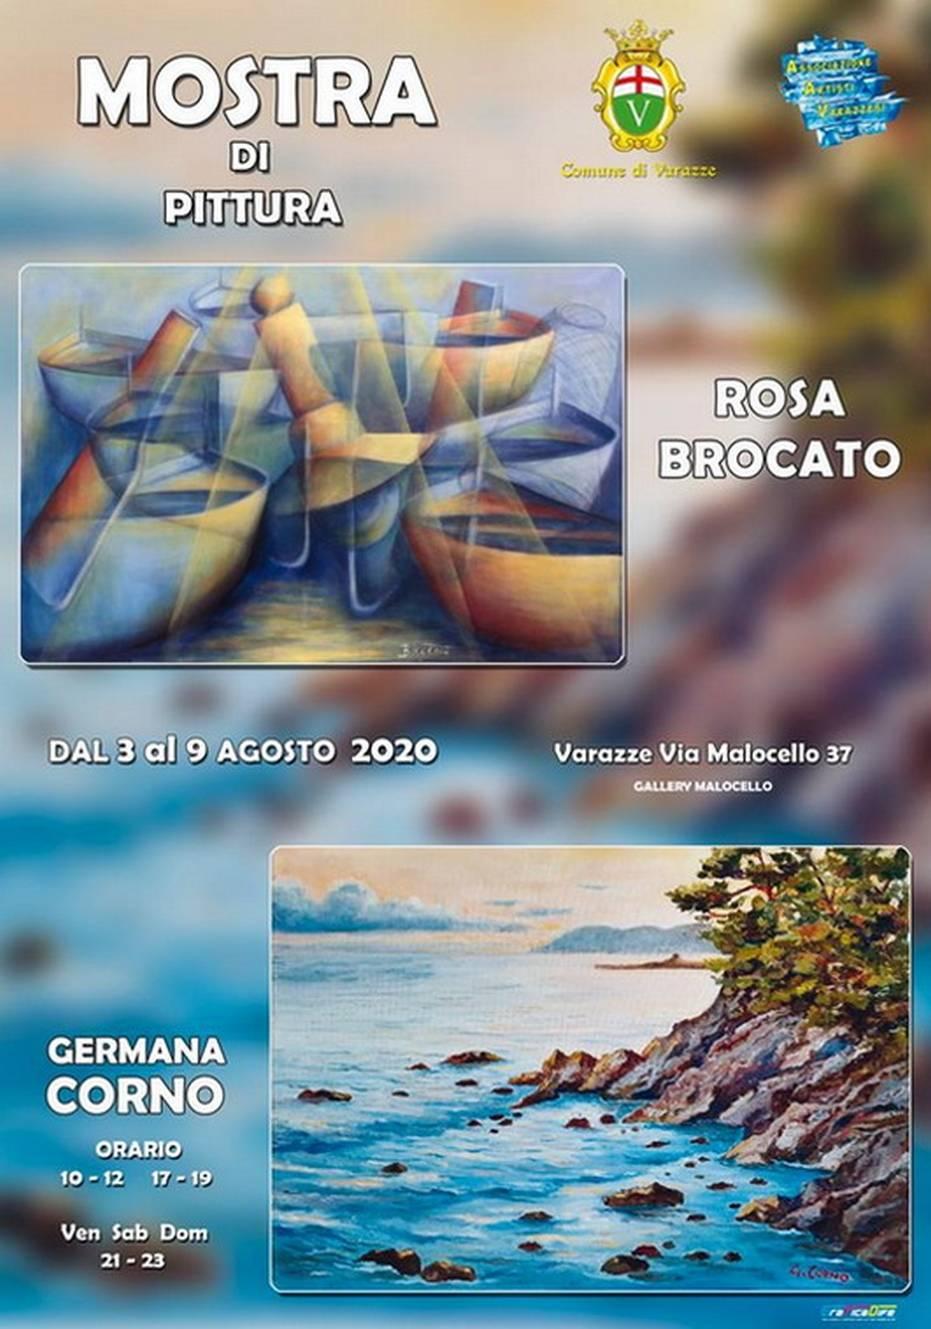 Varazze Gallery Malocello mostra Rosa Brocato e Germana Corno